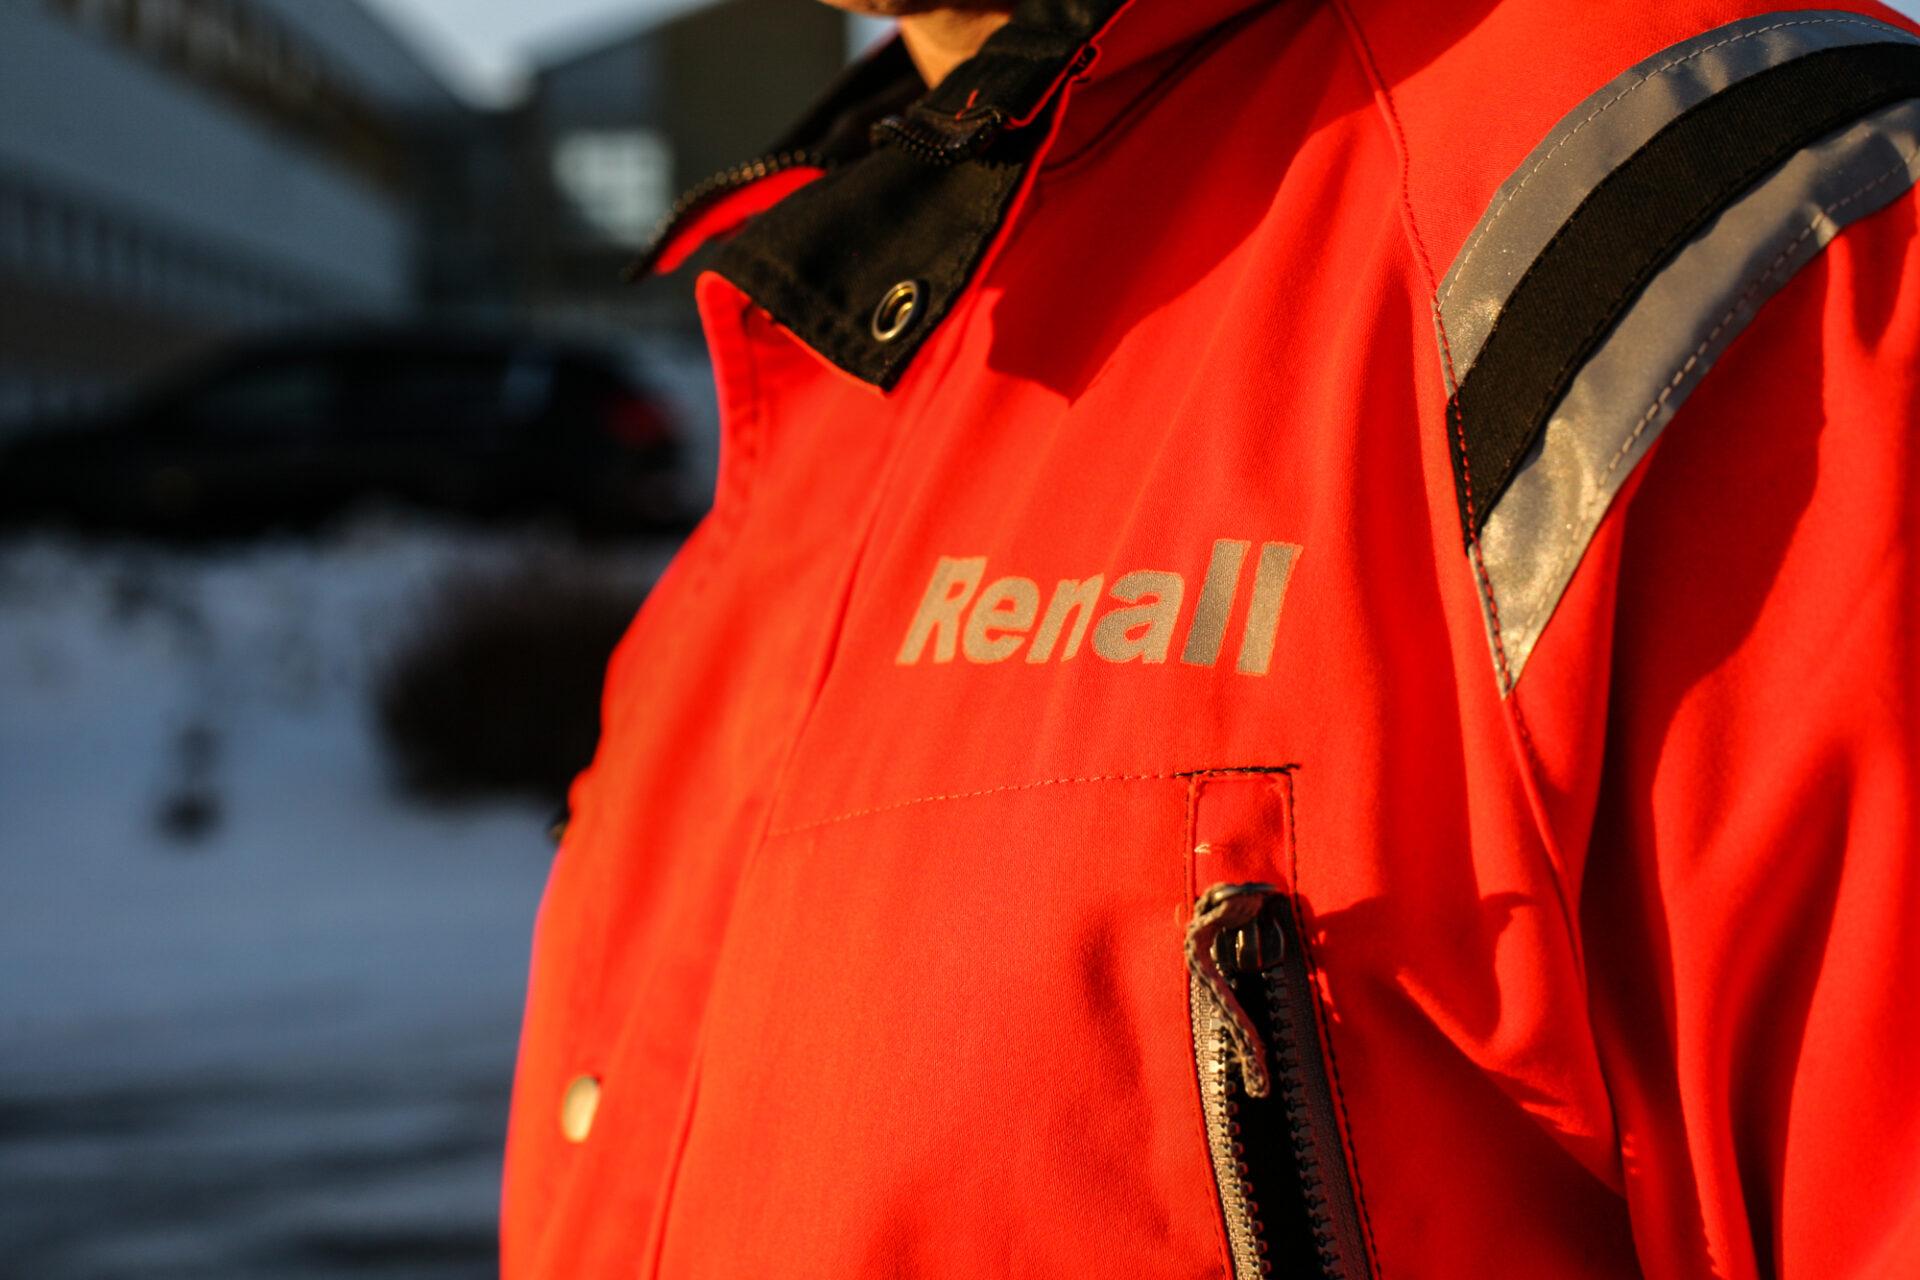 Närbild på person med röda varselkläder från Renall.